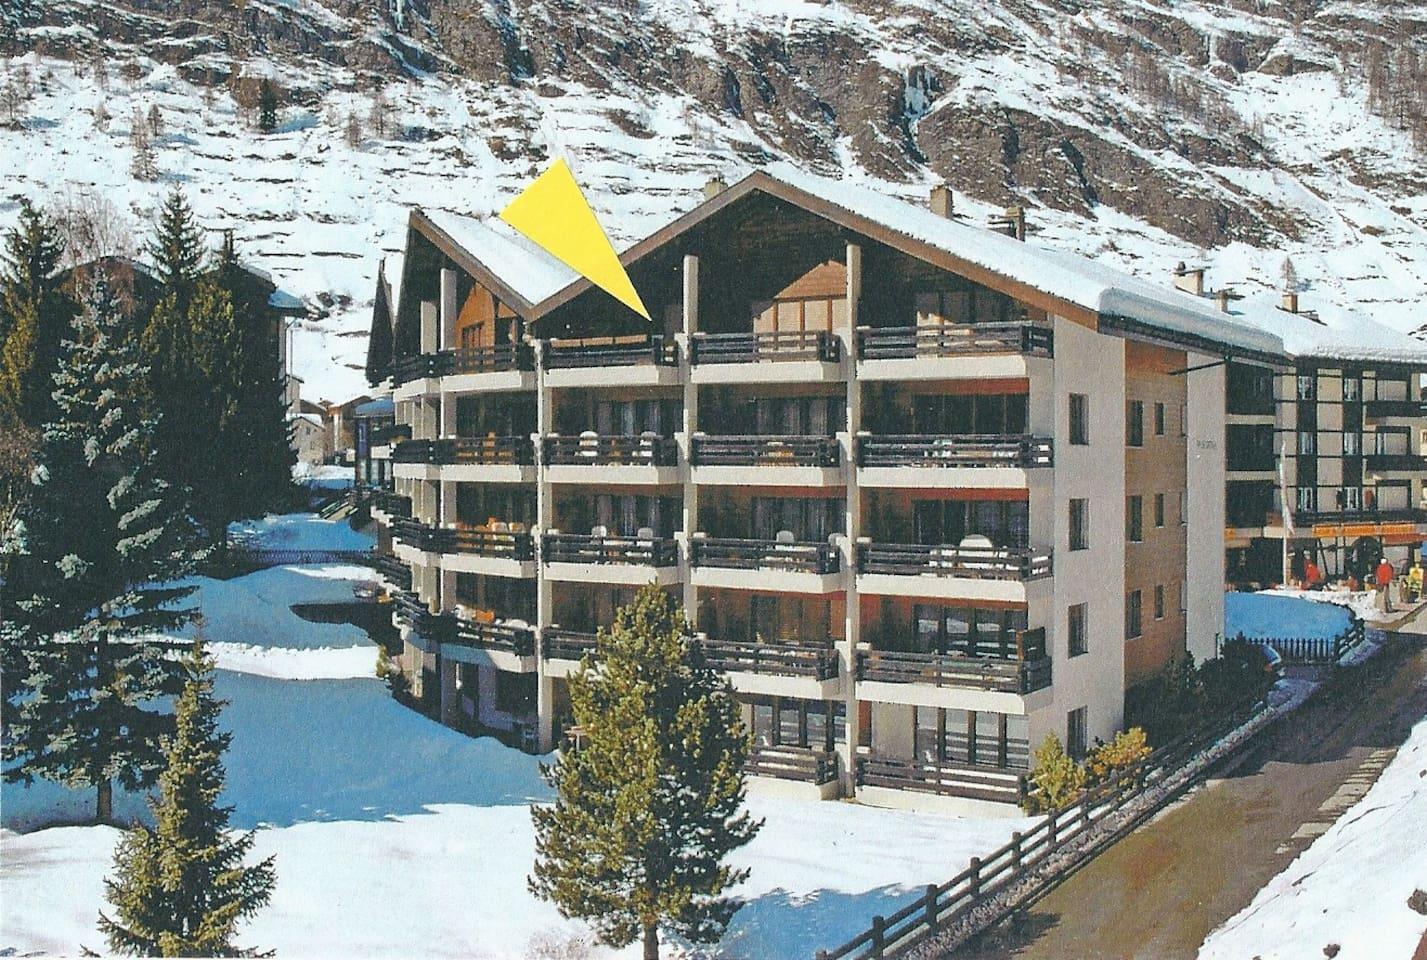 Hier oben verbringen Sie ihre wohlverdienten Ferientage in Zermatt.